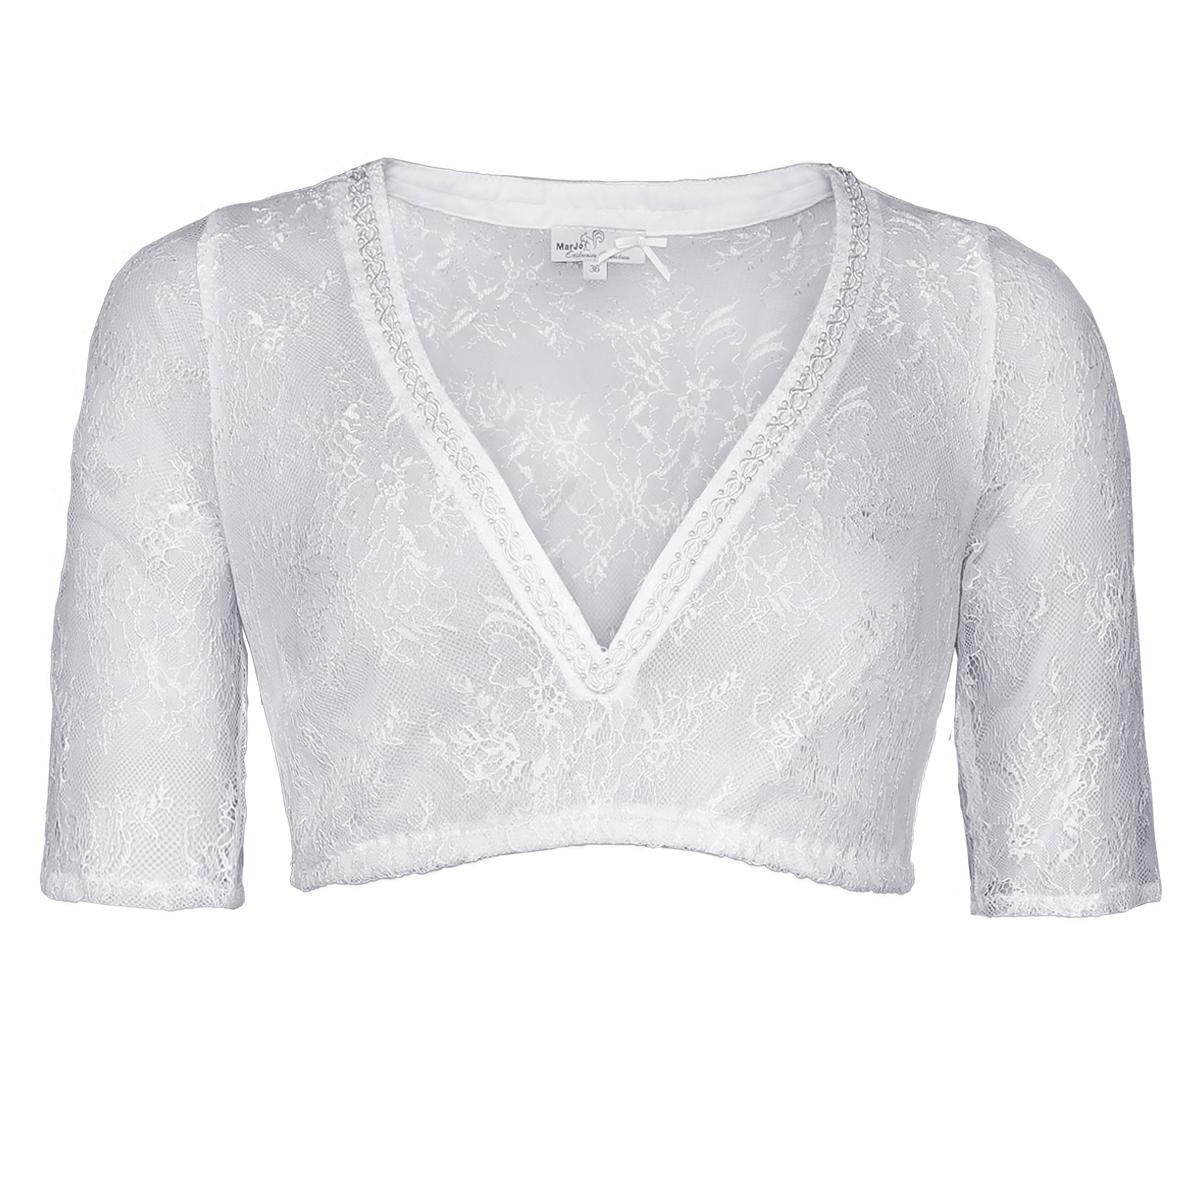 Dirndlbluse Ciara-Vida in Weiß von Marjo Trachten günstig online kaufen